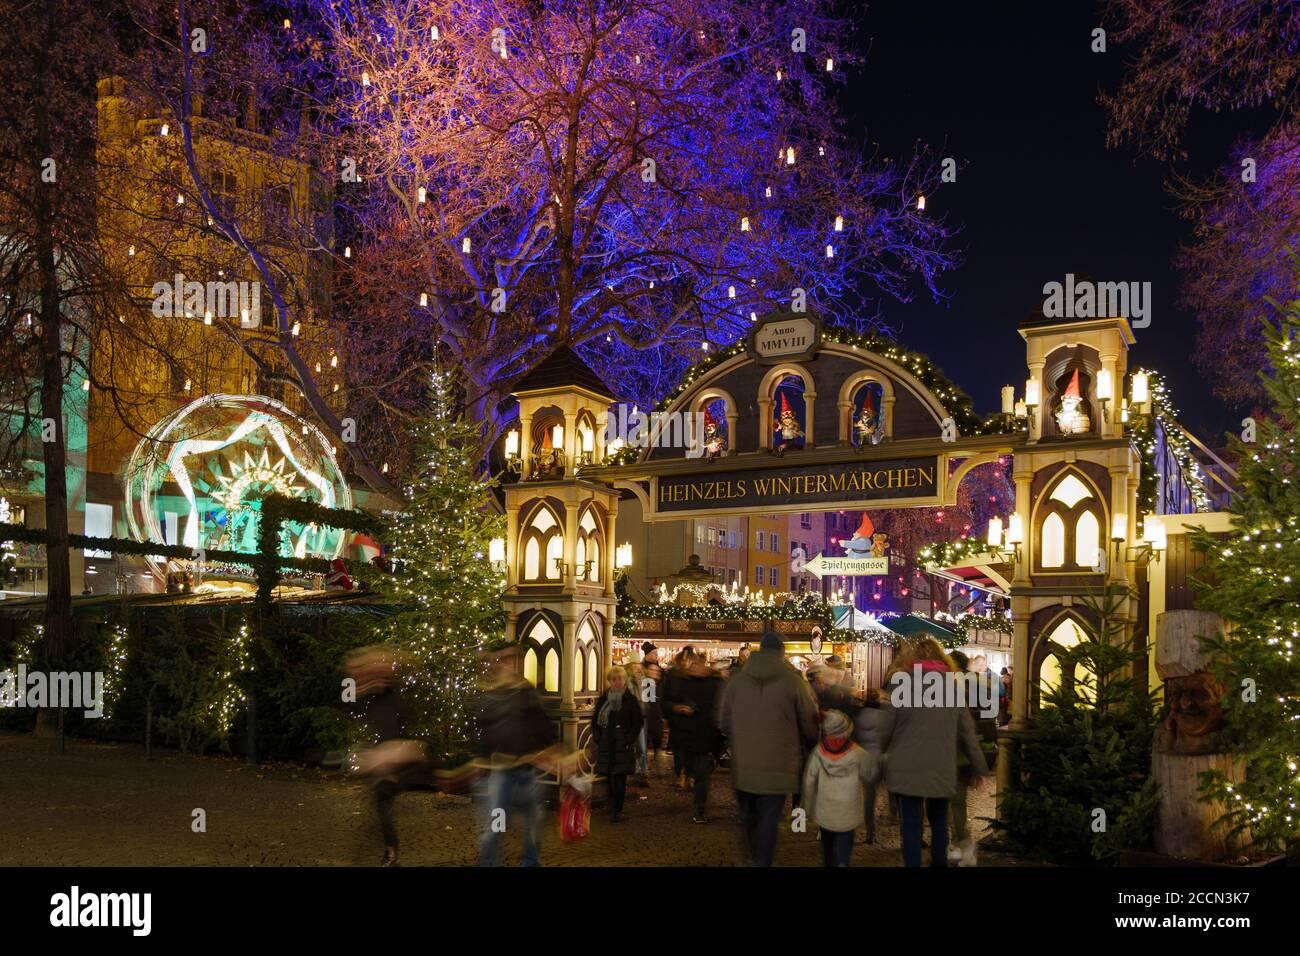 Paysage nocturne, belle entrée voûtée de Weihnachtsmarkt, marché de Noël à Cologne, à Alter Markt, célèbre marché à proximité de l'hôtel de ville de Cologne. Banque D'Images